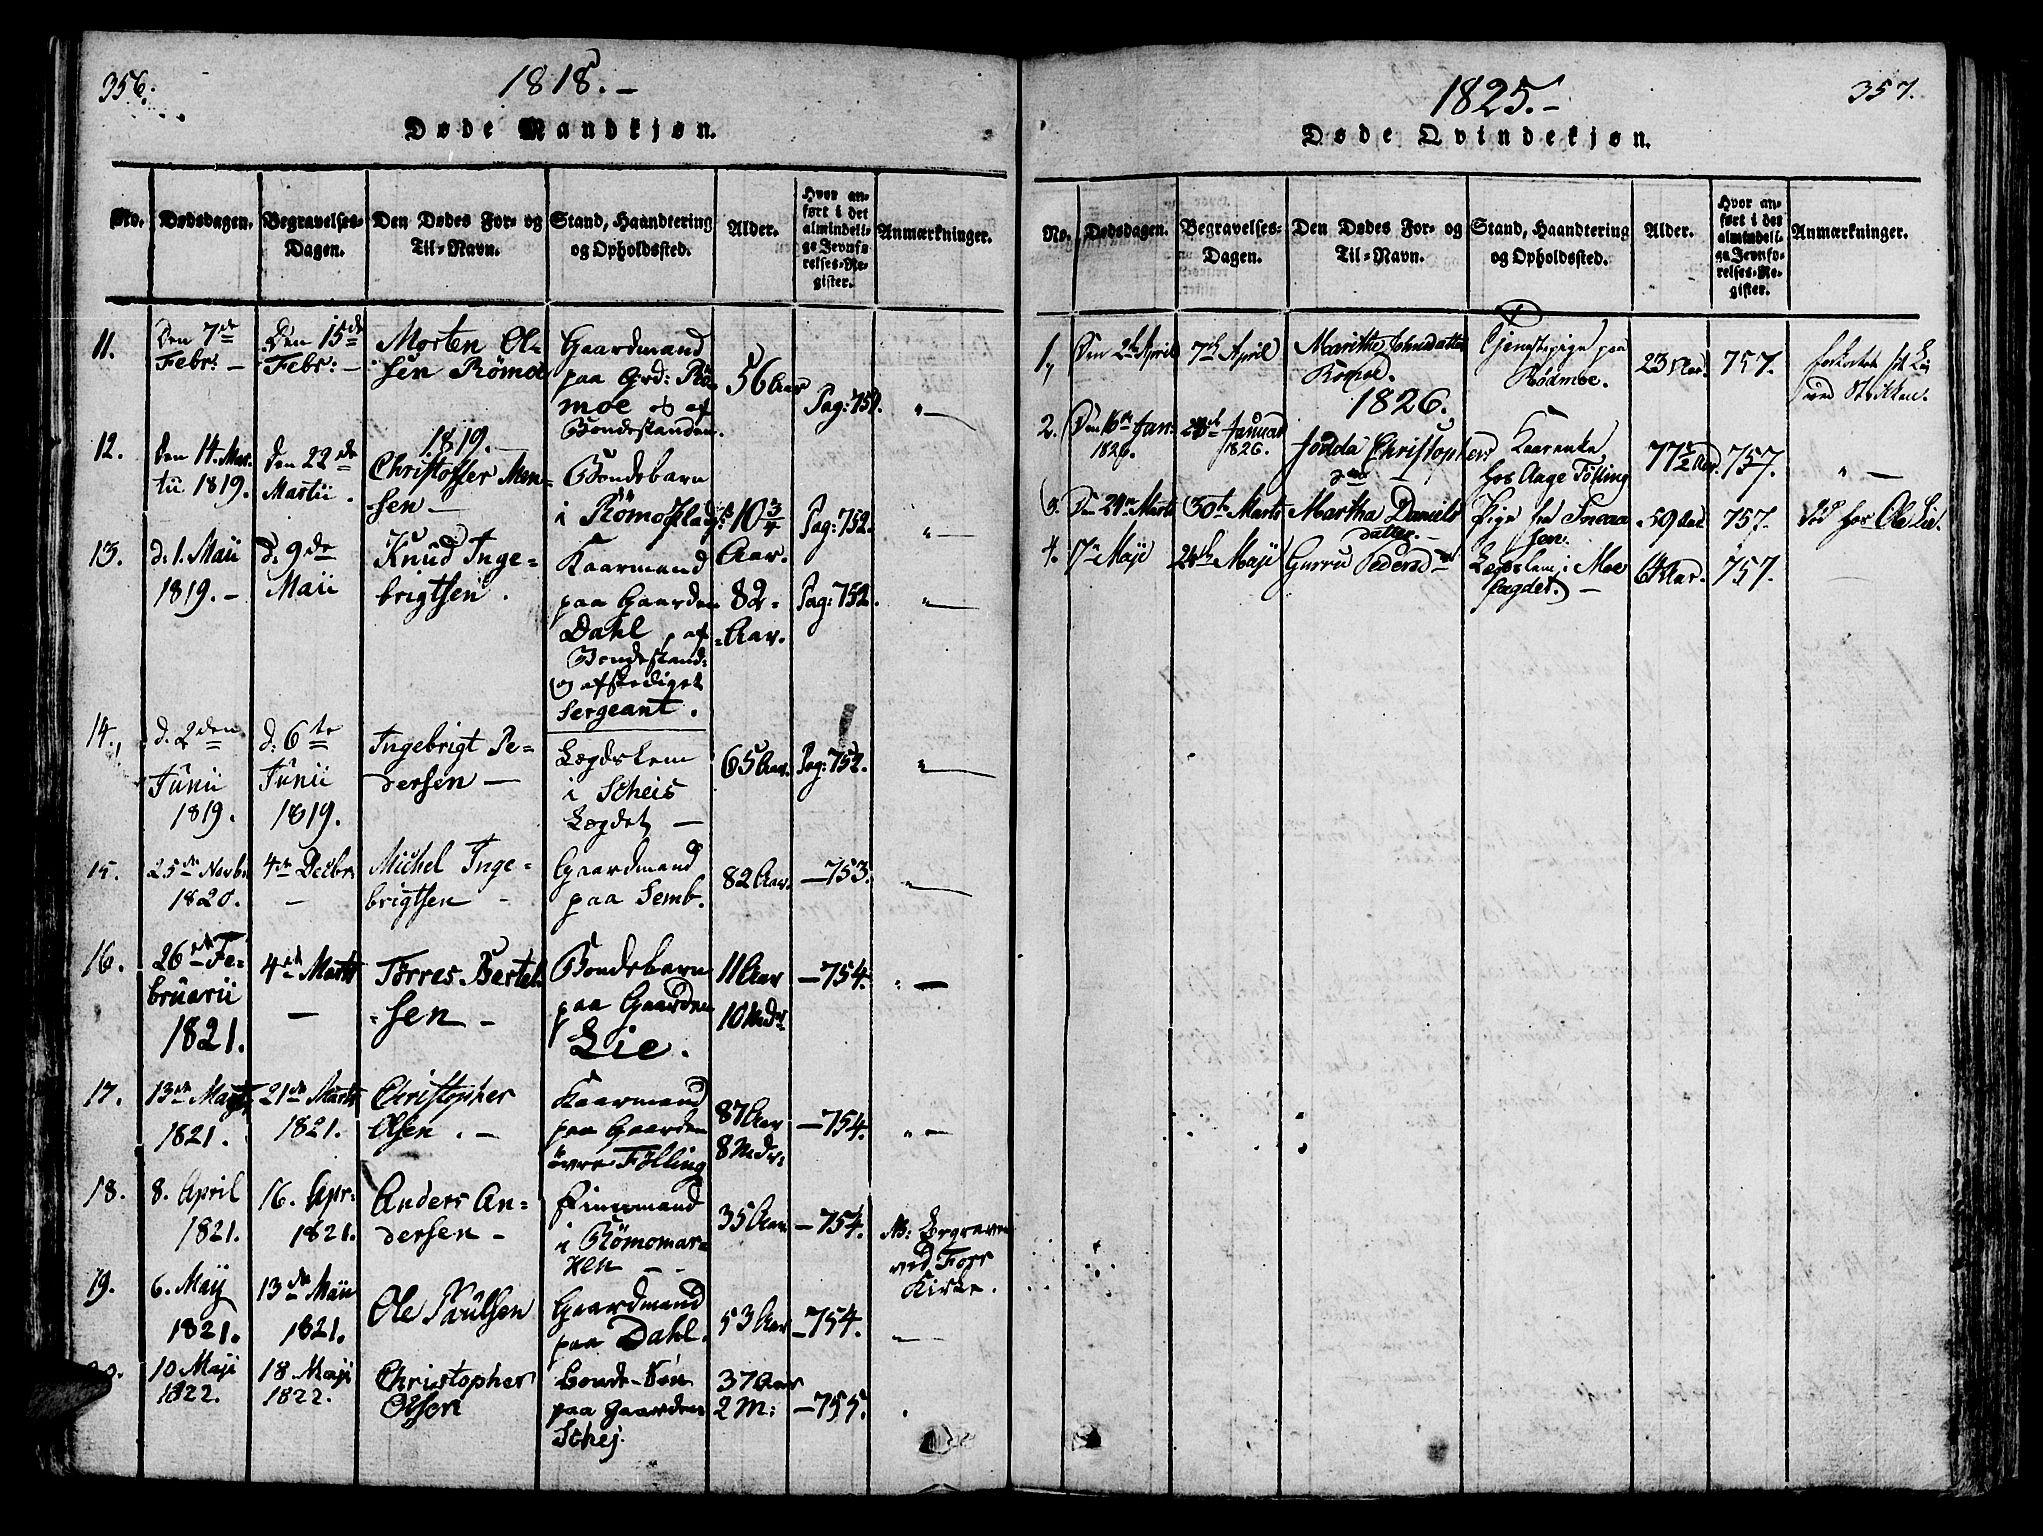 SAT, Ministerialprotokoller, klokkerbøker og fødselsregistre - Nord-Trøndelag, 746/L0441: Ministerialbok nr. 746A03 /4, 1816-1827, s. 356-357